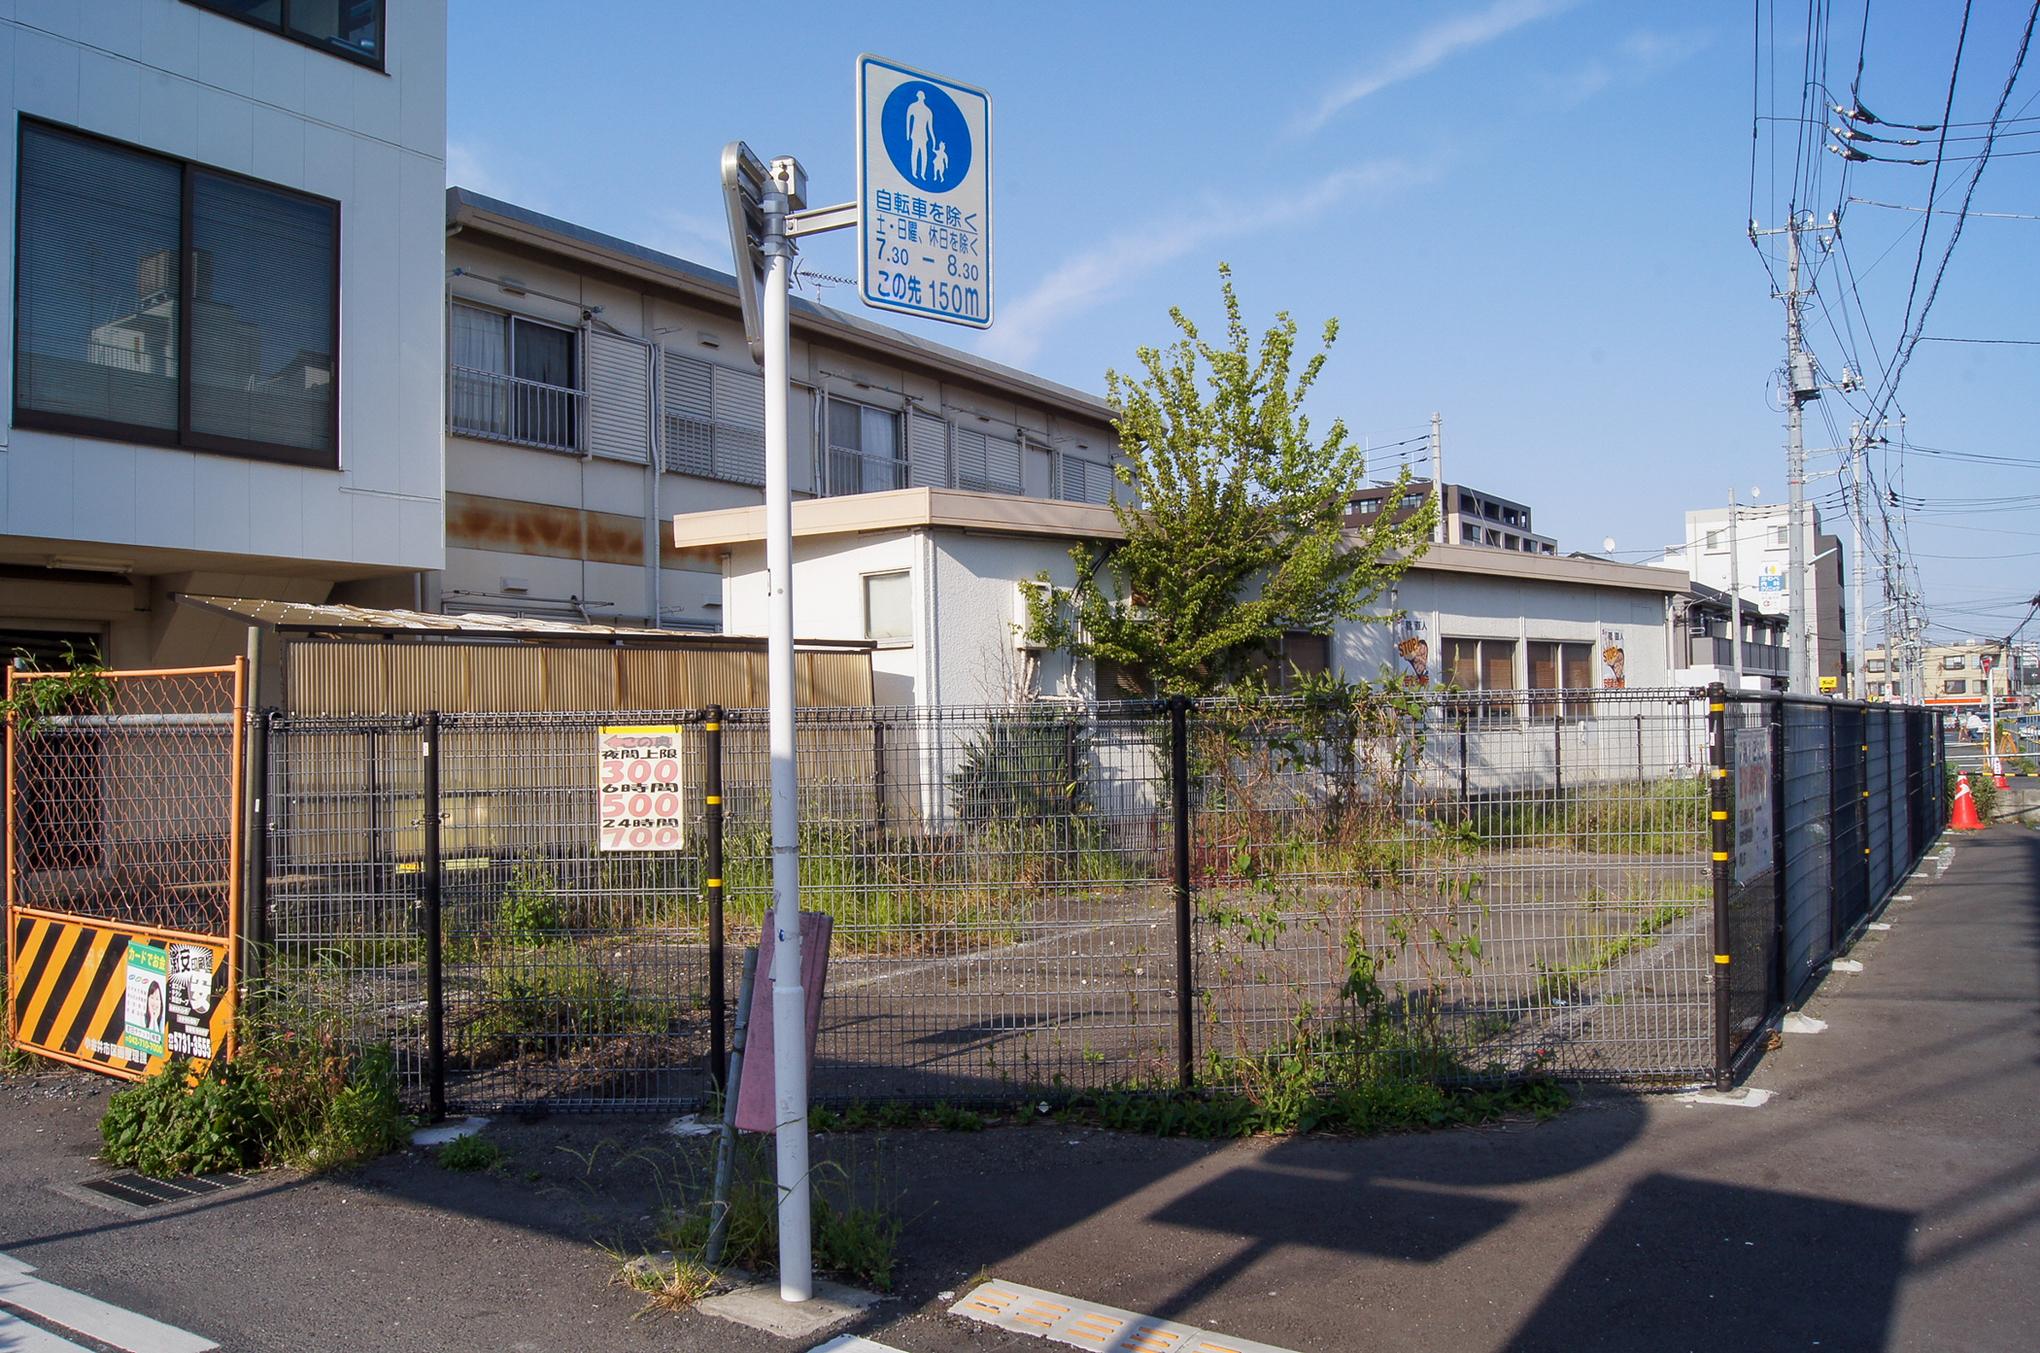 f:id:akichiniiko:20200722181150j:plain